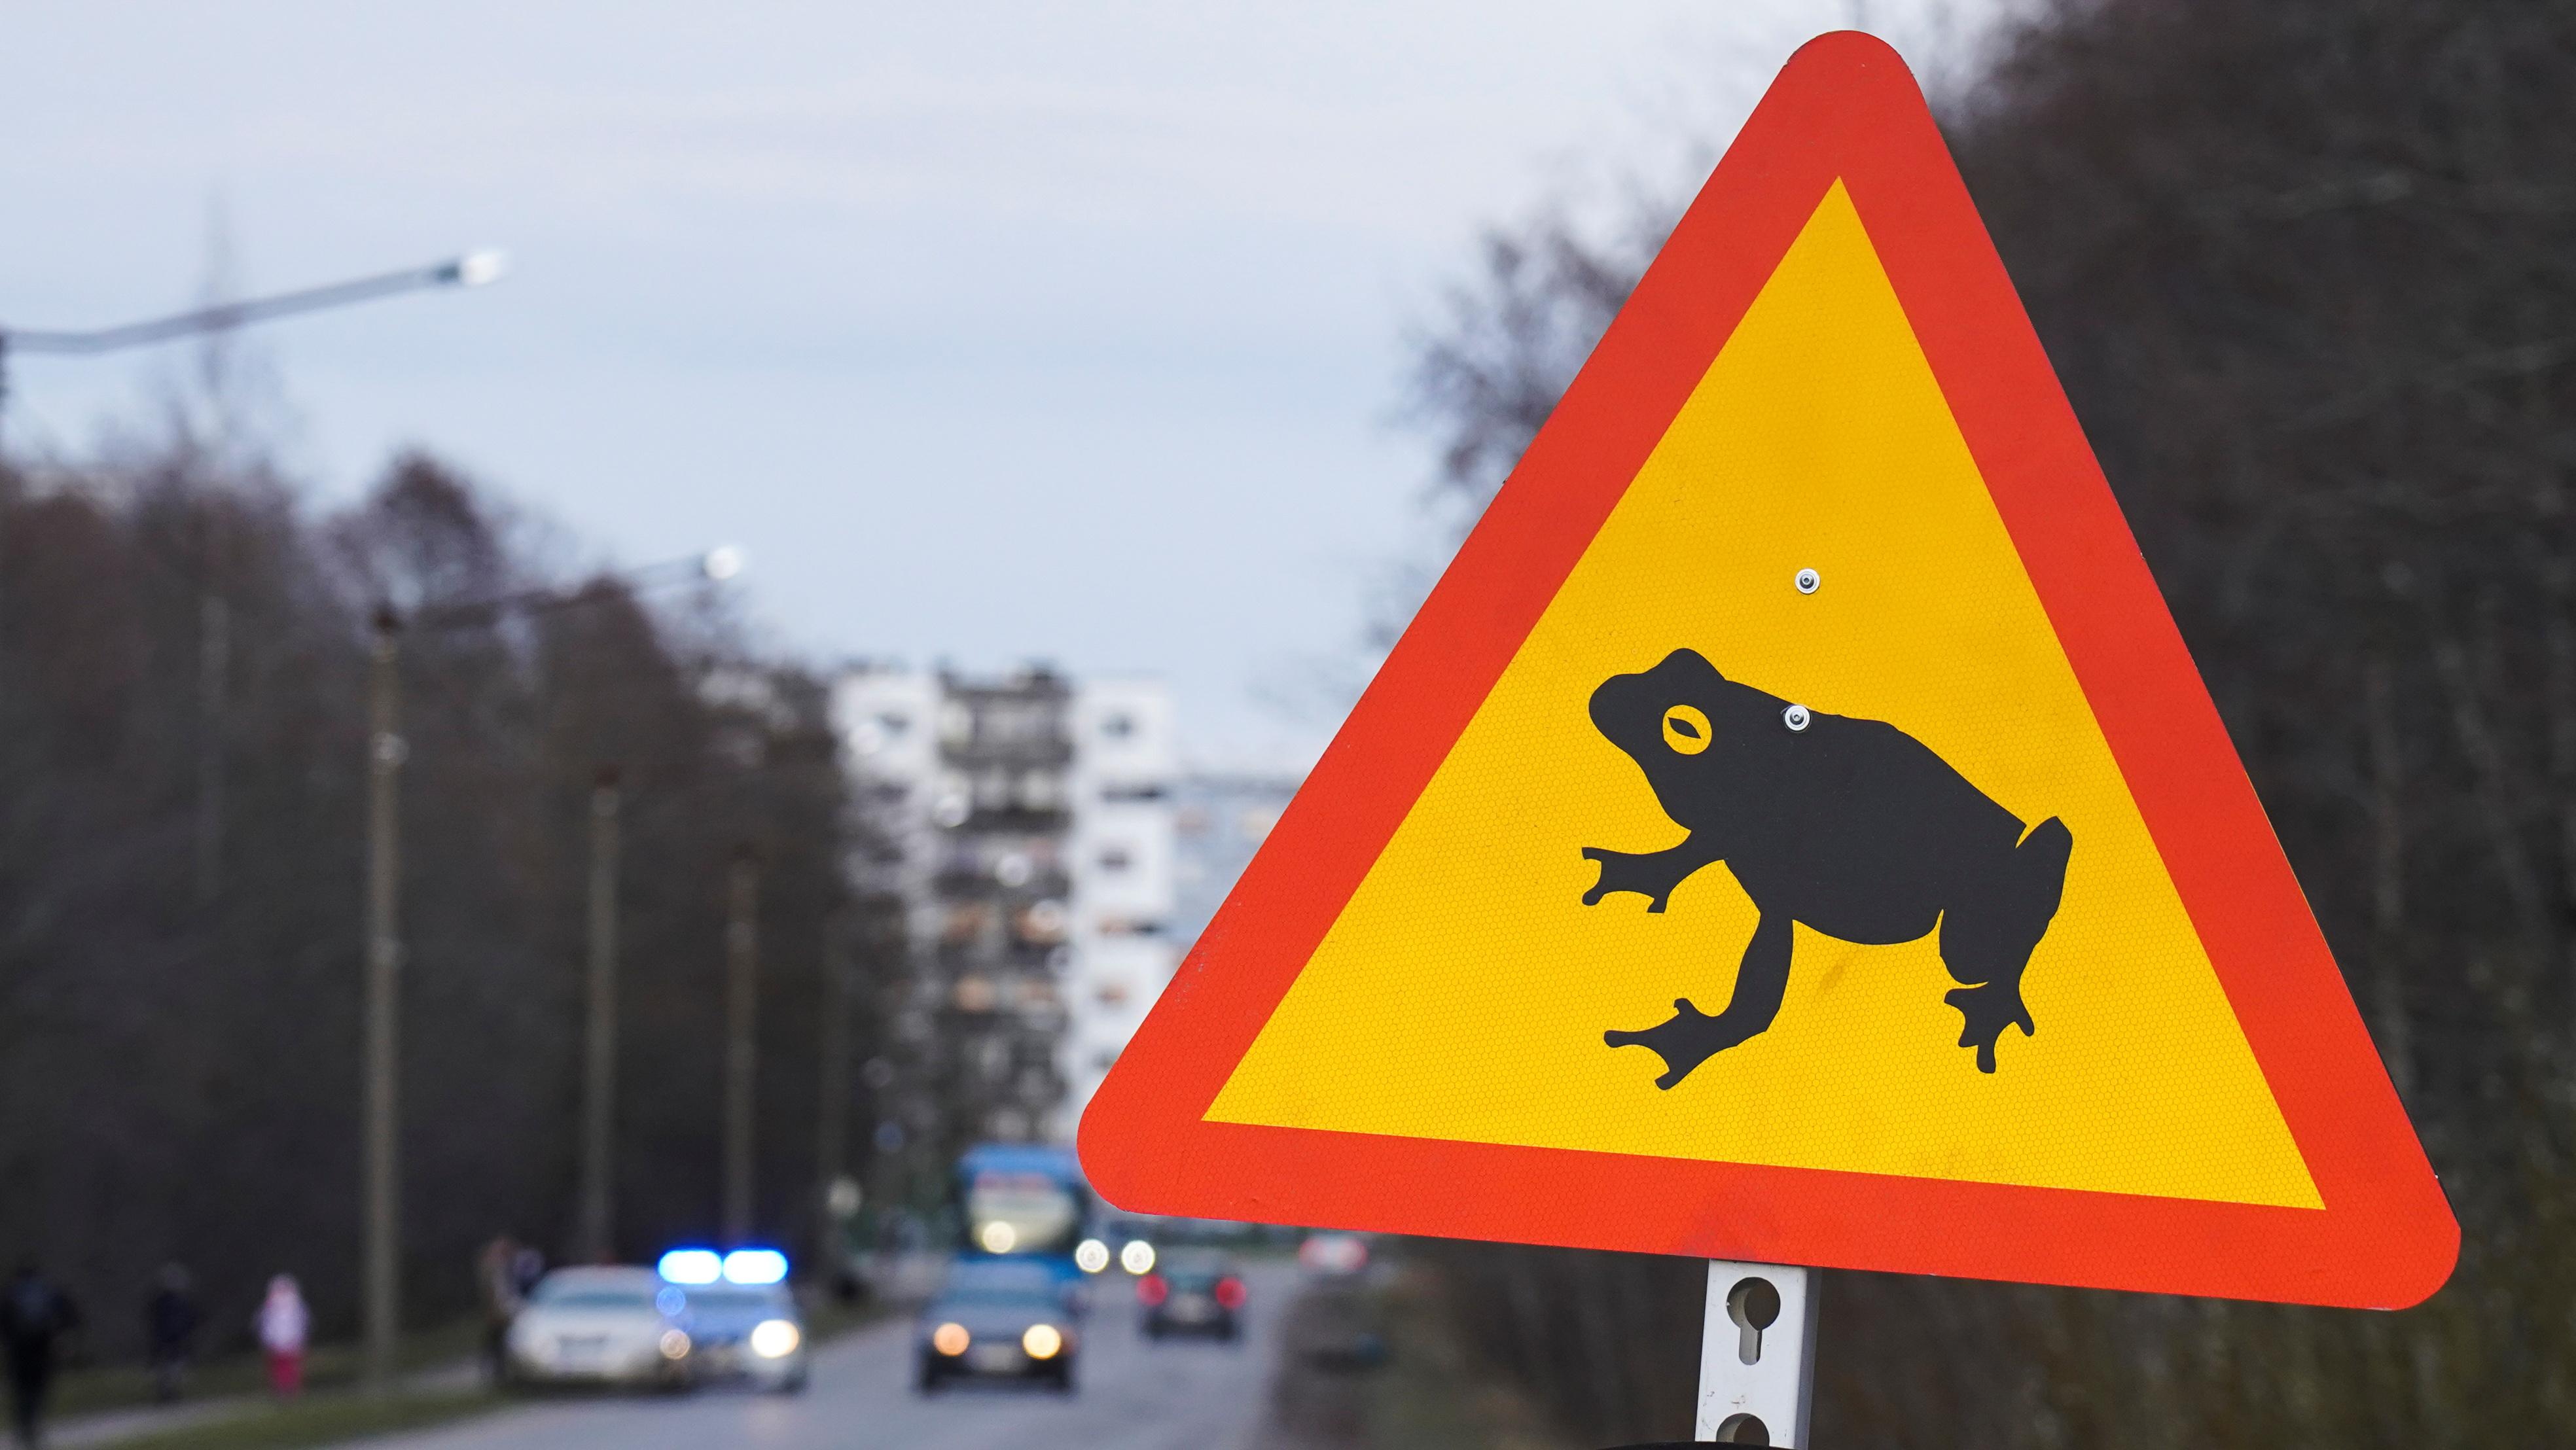 Una señal de tráfico que representa una rana se ve en un tramo de carretera cerrado en Tallin, Estonia, el 13 de abril de 2021. REUTERS / Janis Laizans